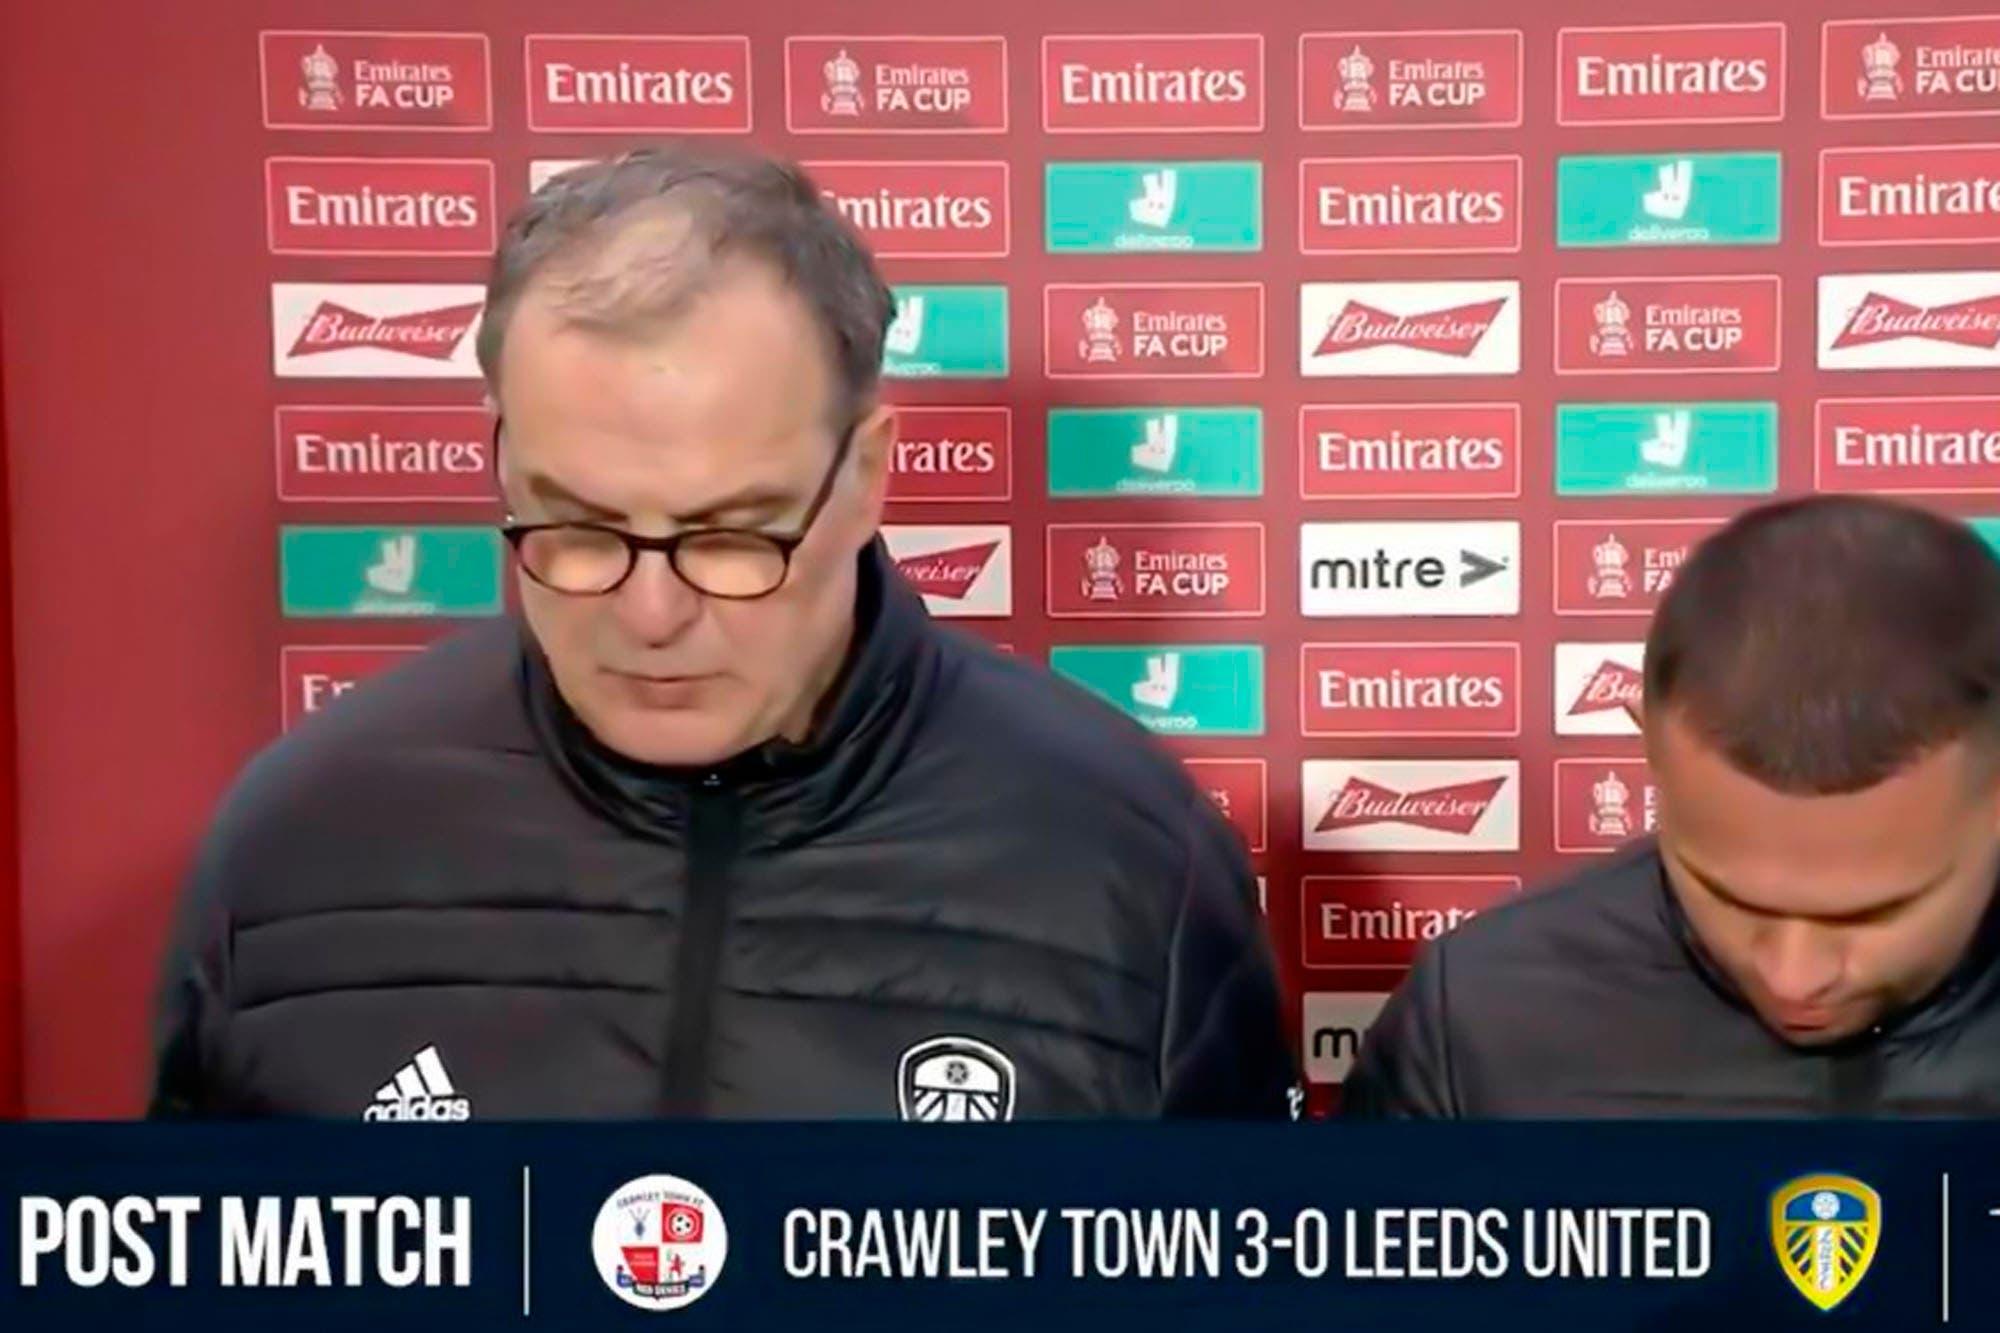 """Marcelo Bielsa: """"tristeza y decepción"""" por la eliminación de Leeds ante un rival de cuarta división y la mala racha en series eliminatorias"""